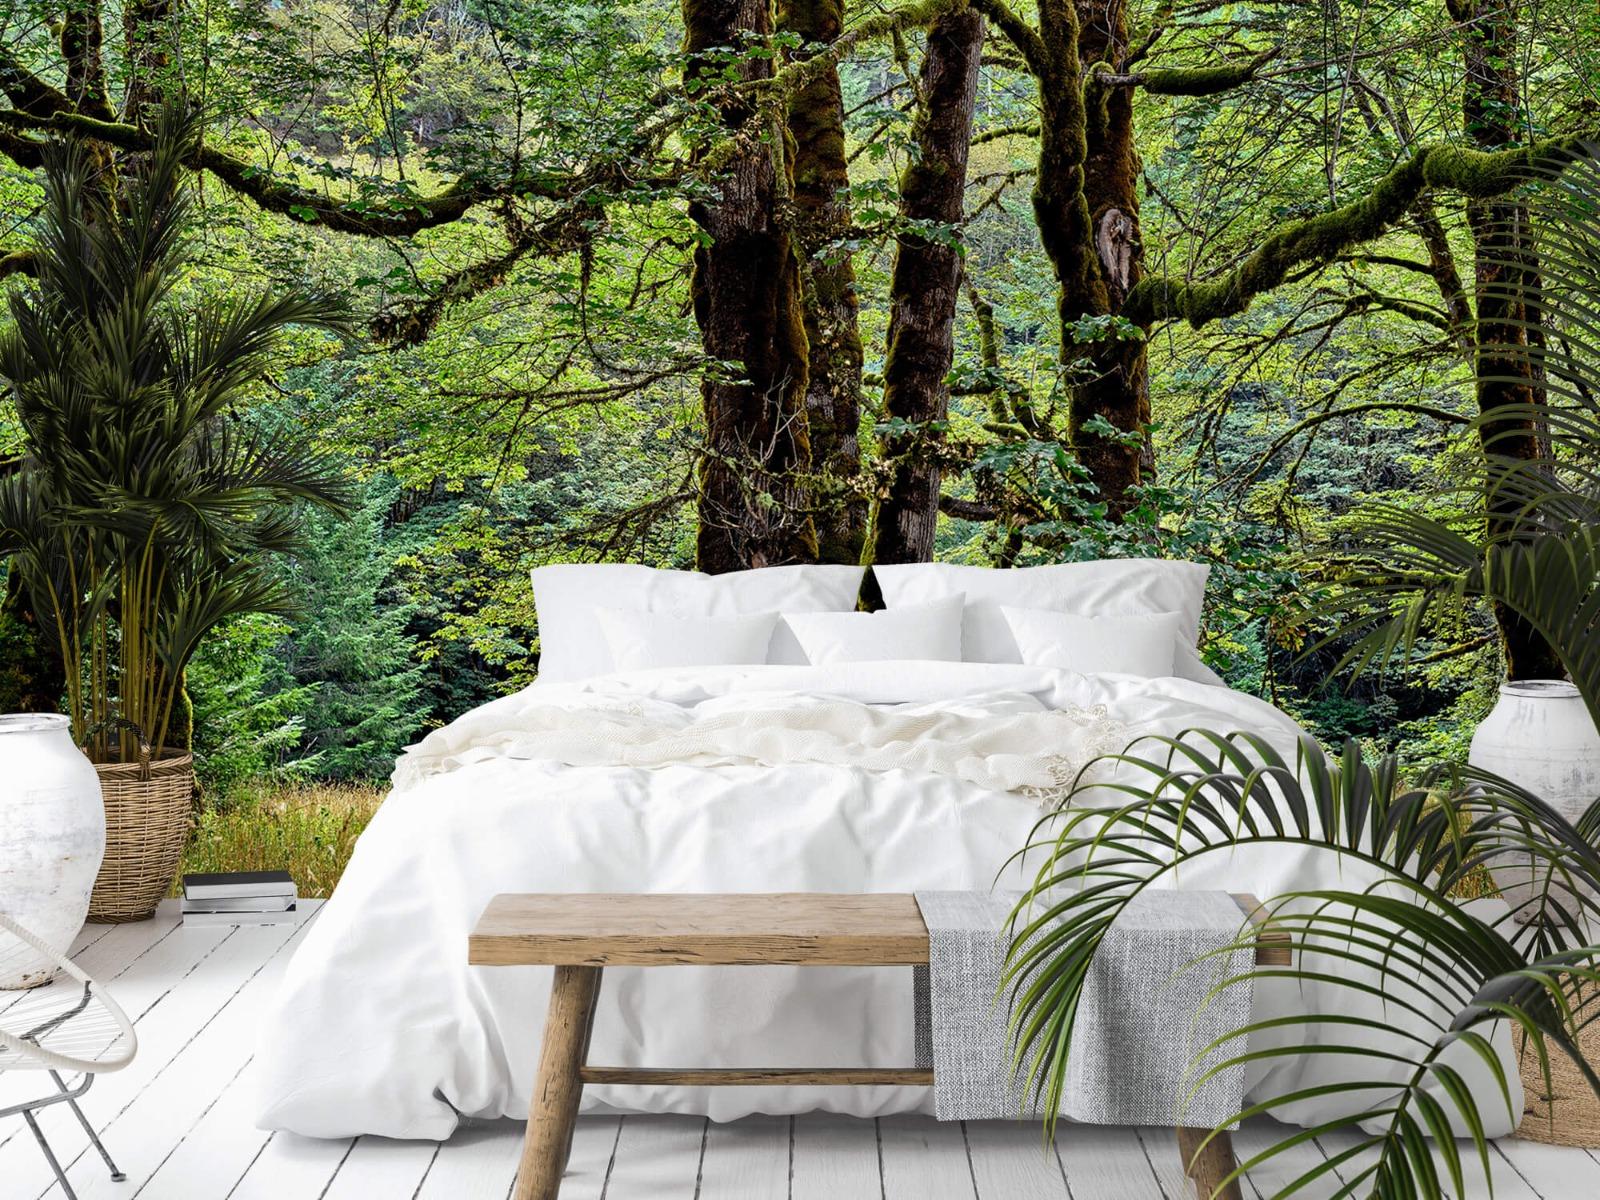 Bomen - Bomen met mos - Wallexclusive - Slaapkamer 1